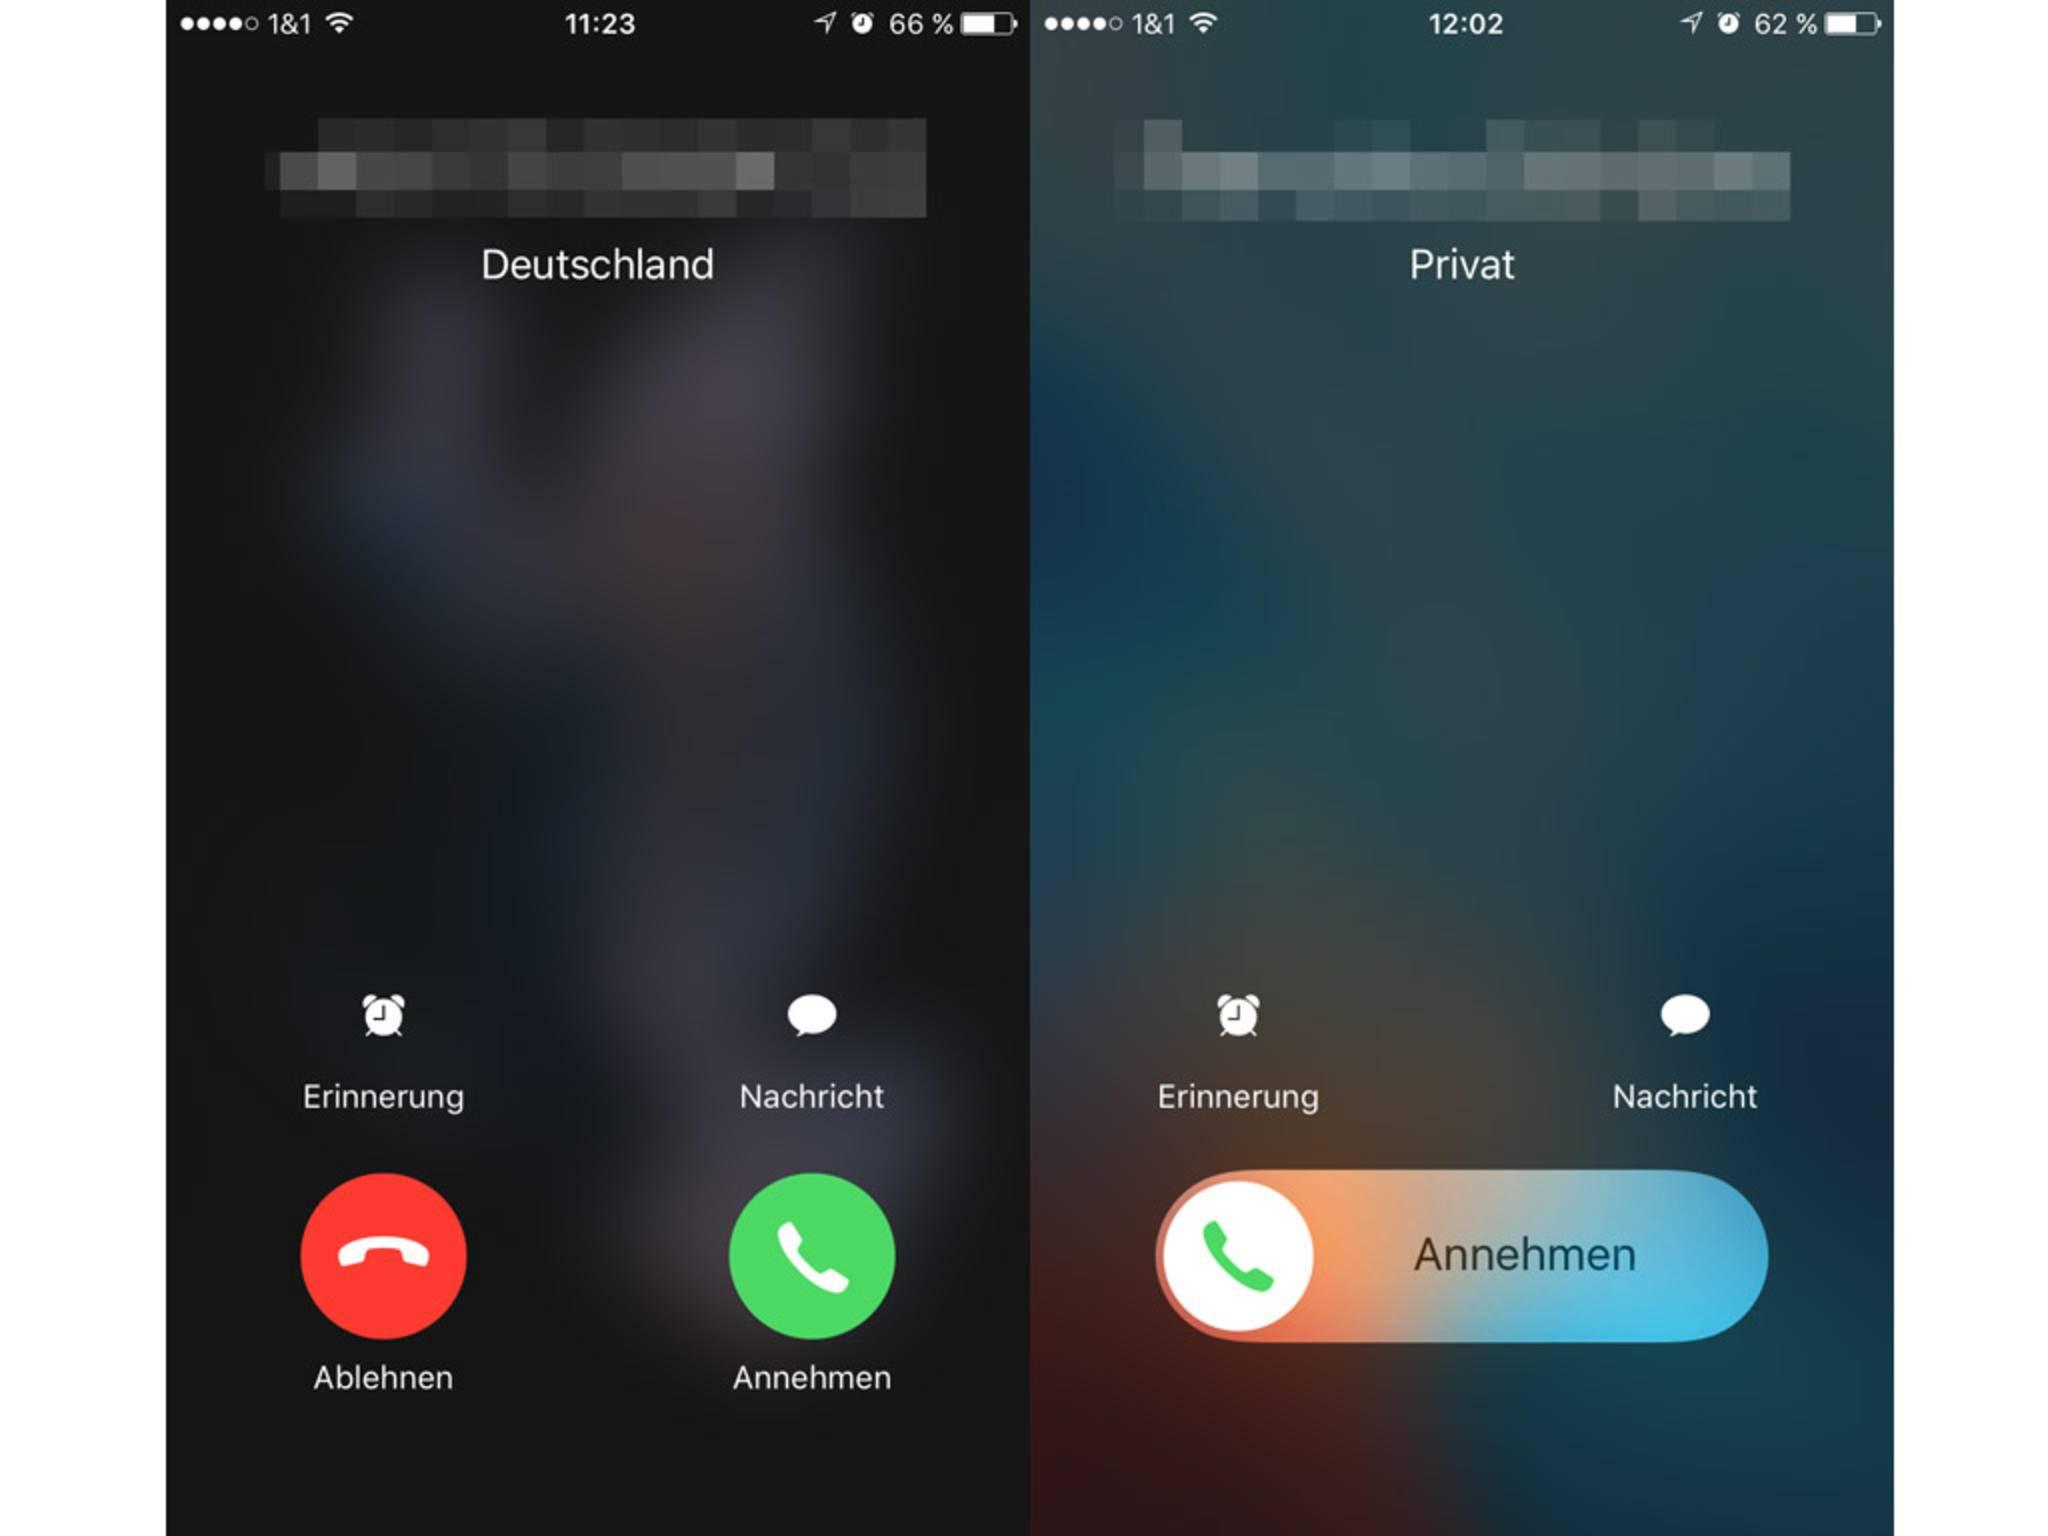 Je nach aktueller Nutzung läuft das Annehmen eines Anrufs anders ab.